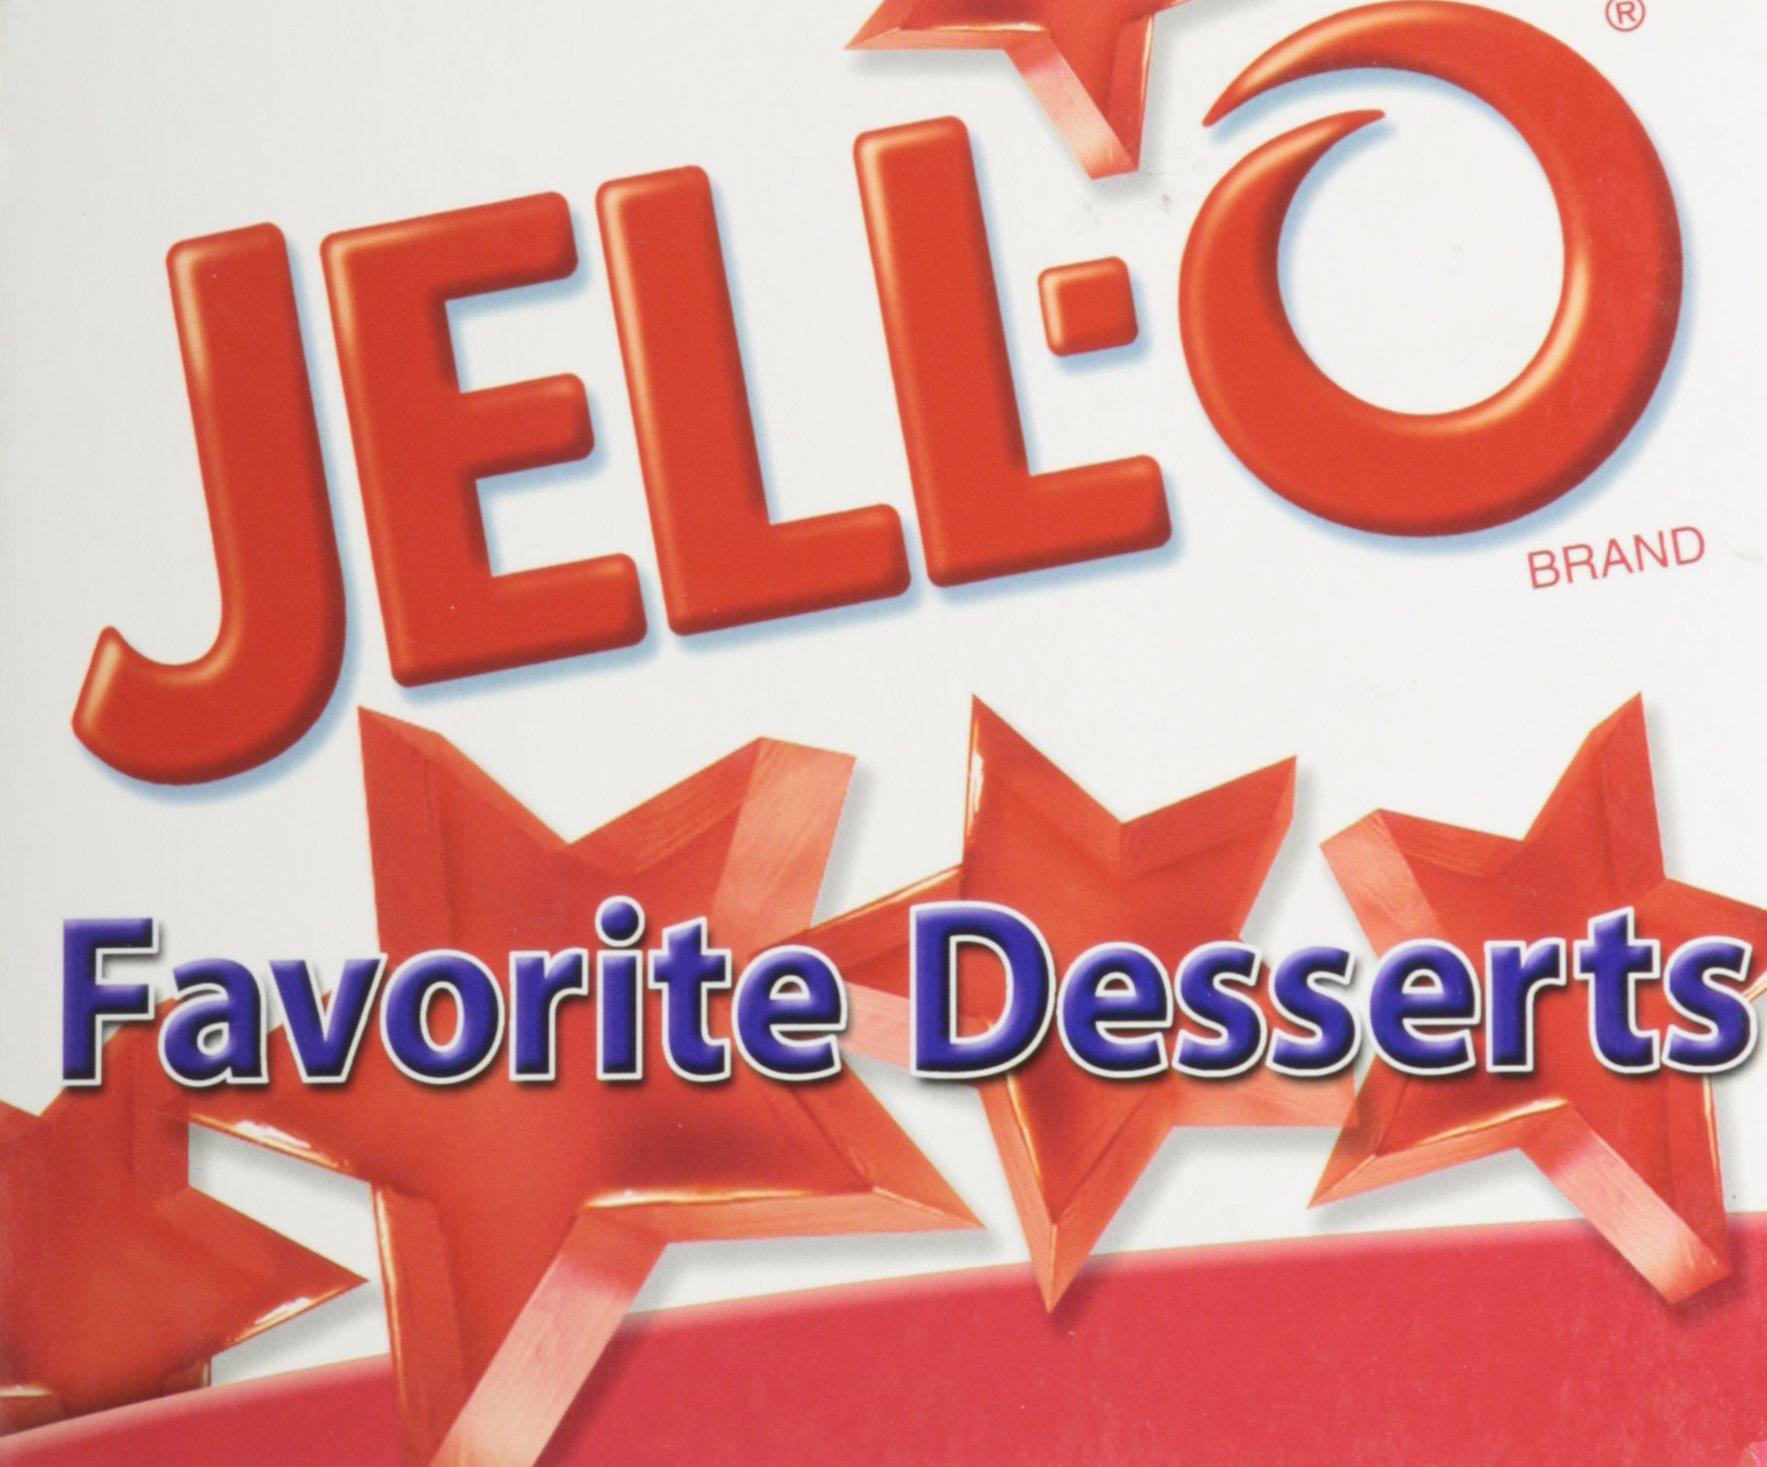 Download jello favorite desserts PDF